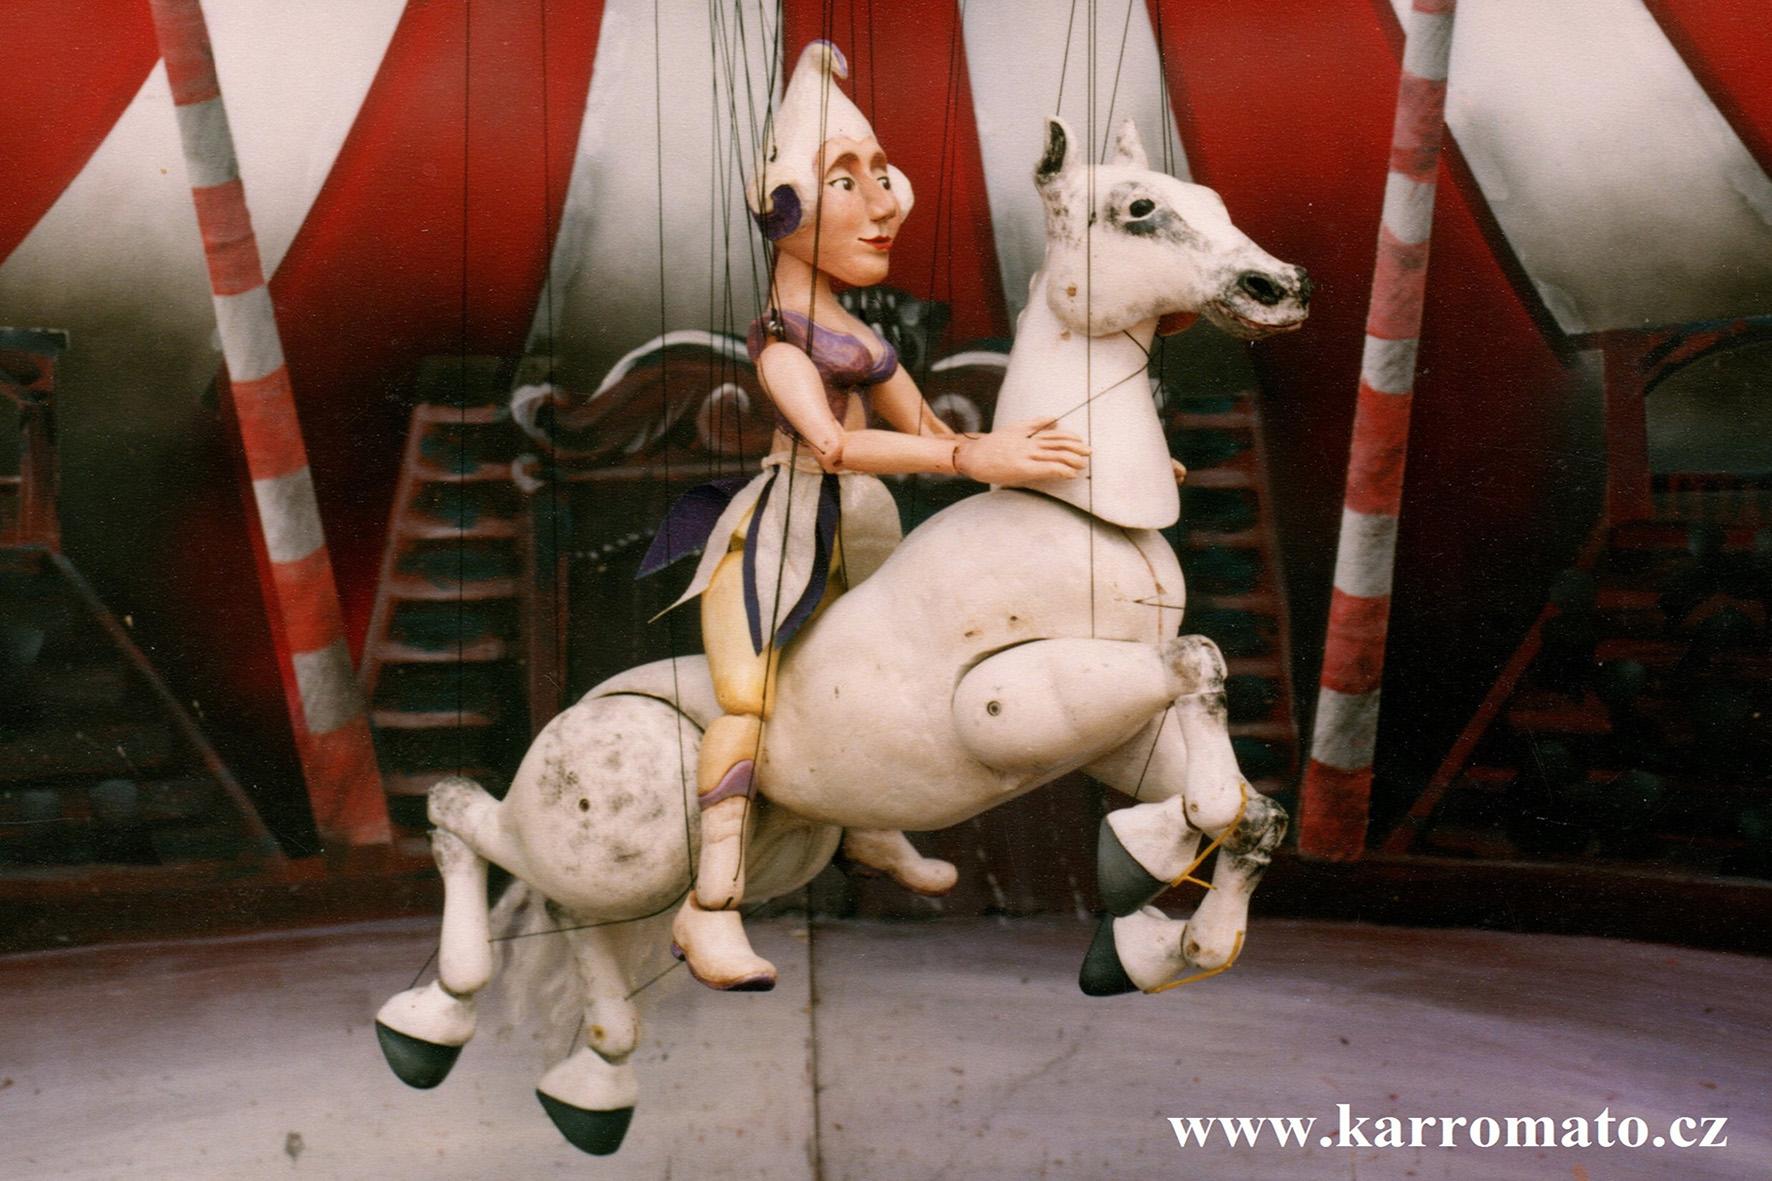 Arttitere - Karromato El circo de madera - Encerezados 2018 - FCAYC